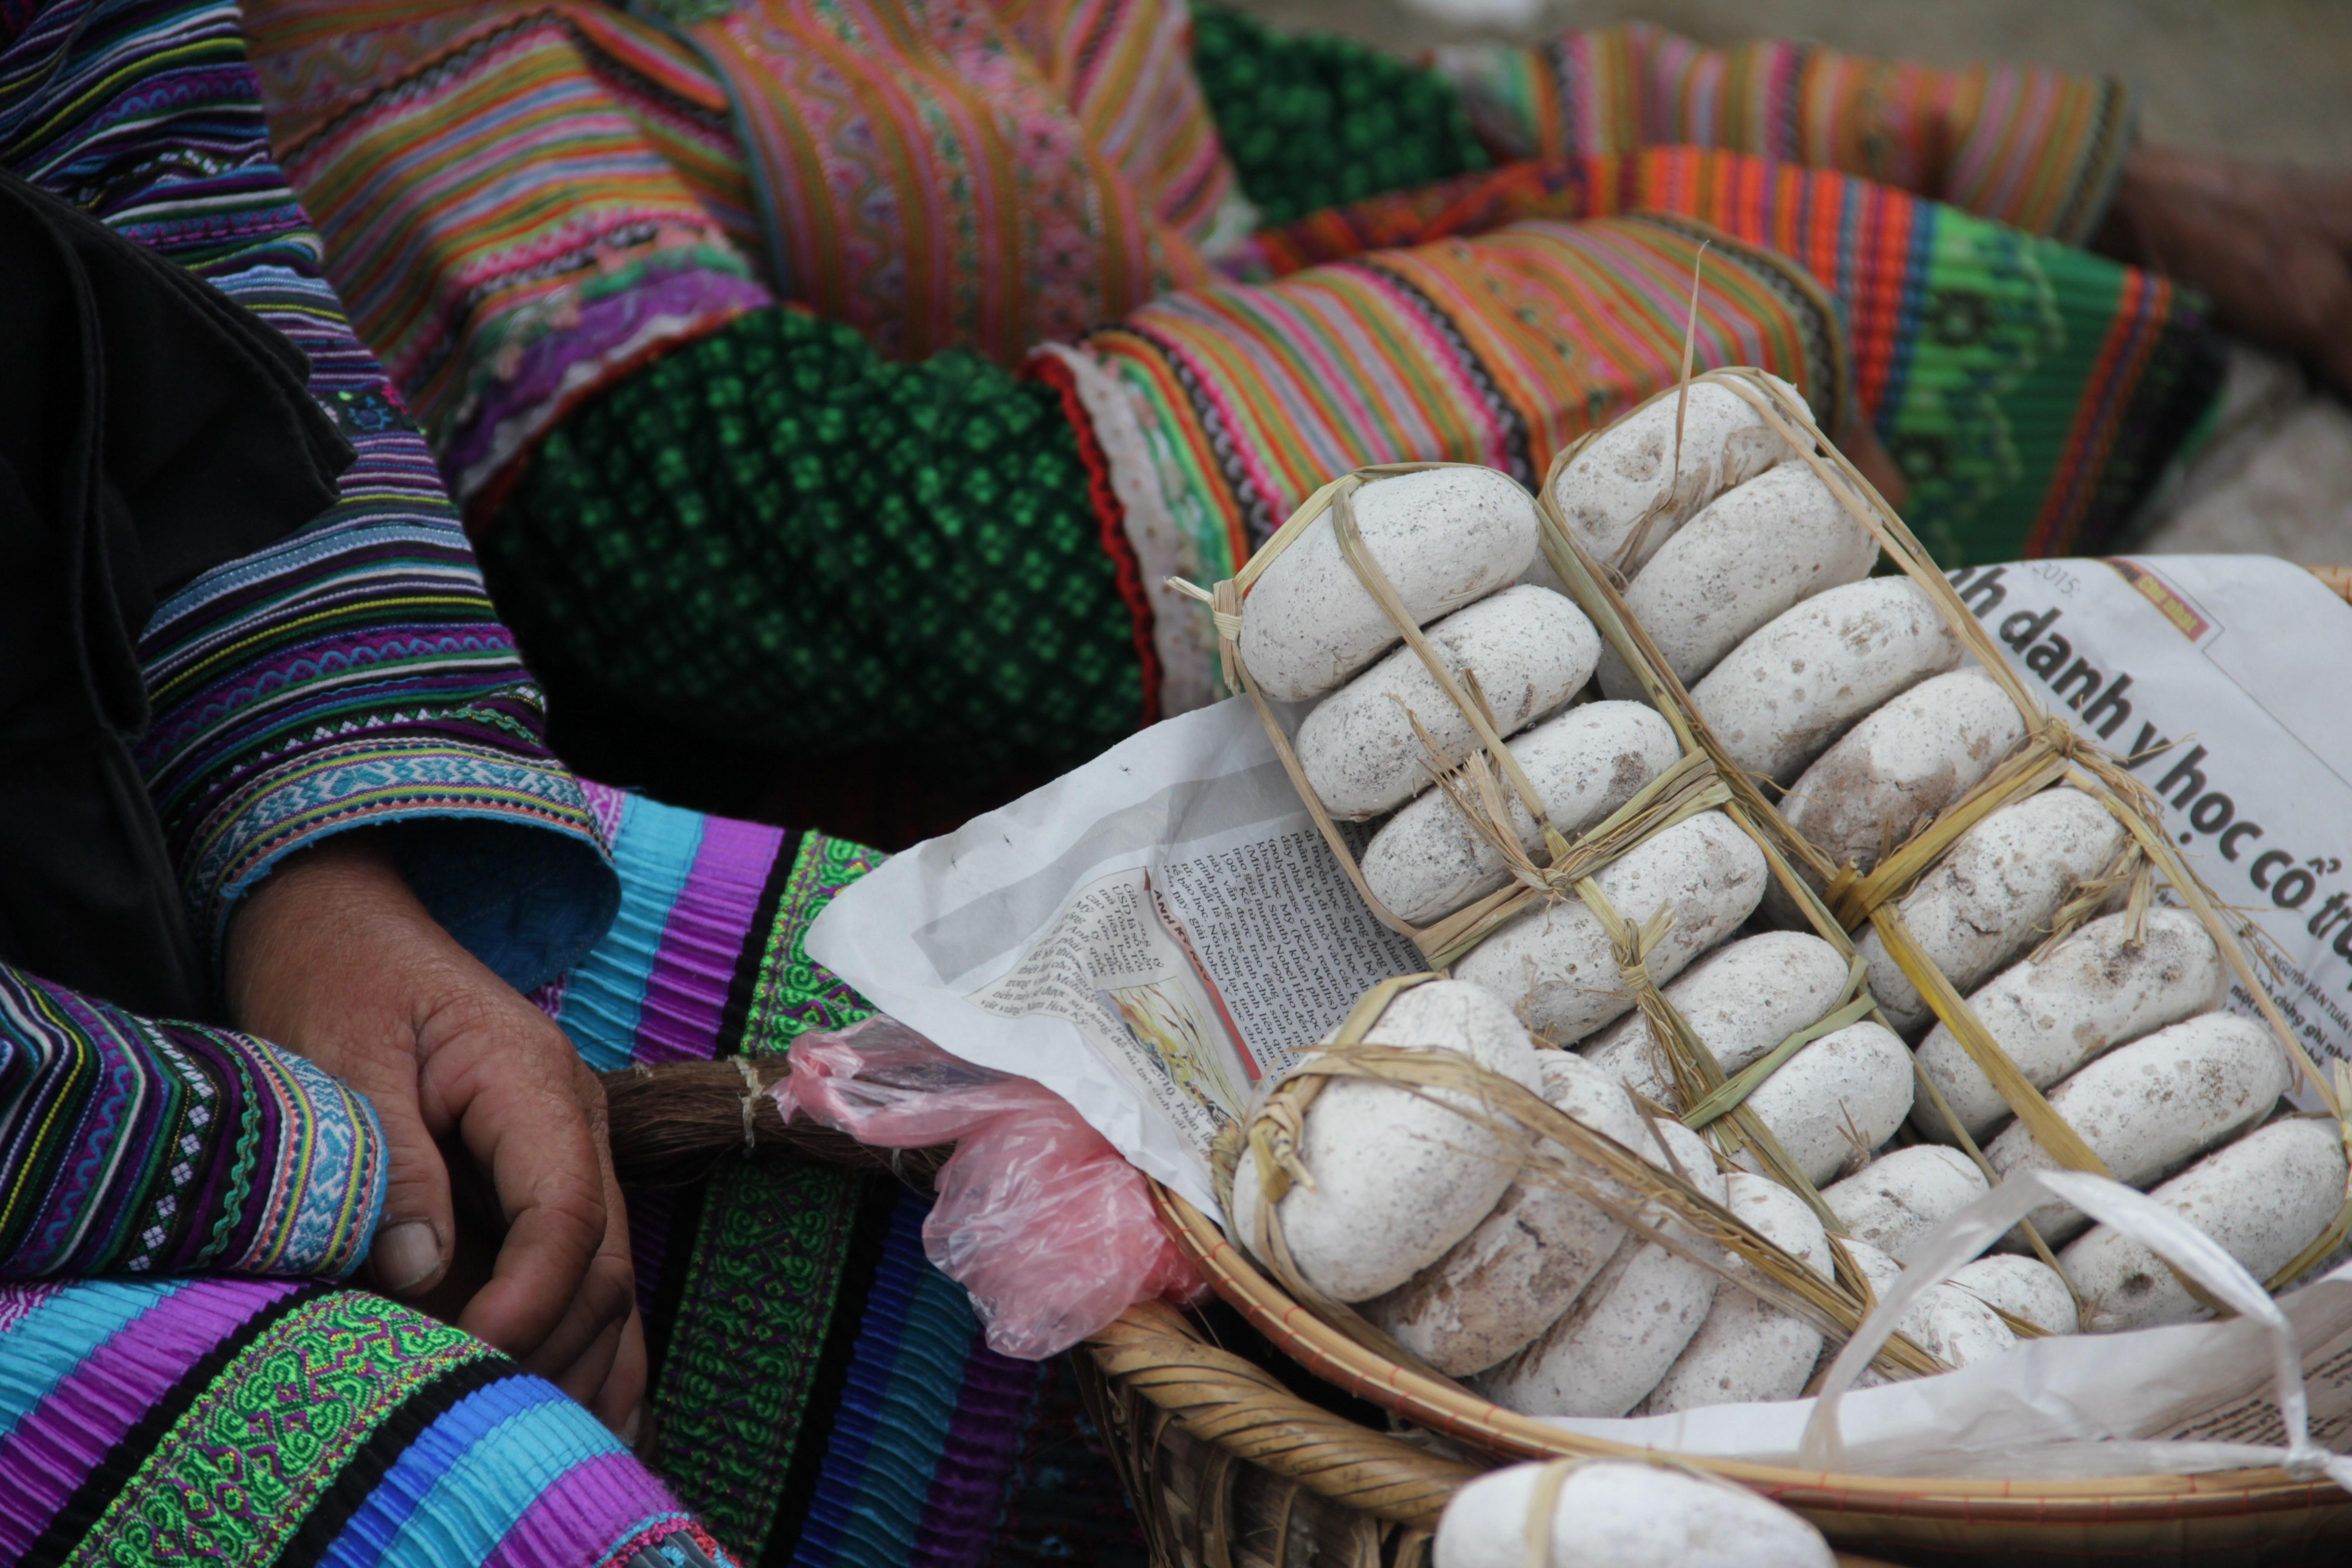 La pâte de riz est la base de beaucoup de spécialités locales. Ici, des beignets sucrés (© Jérôme Decoster).